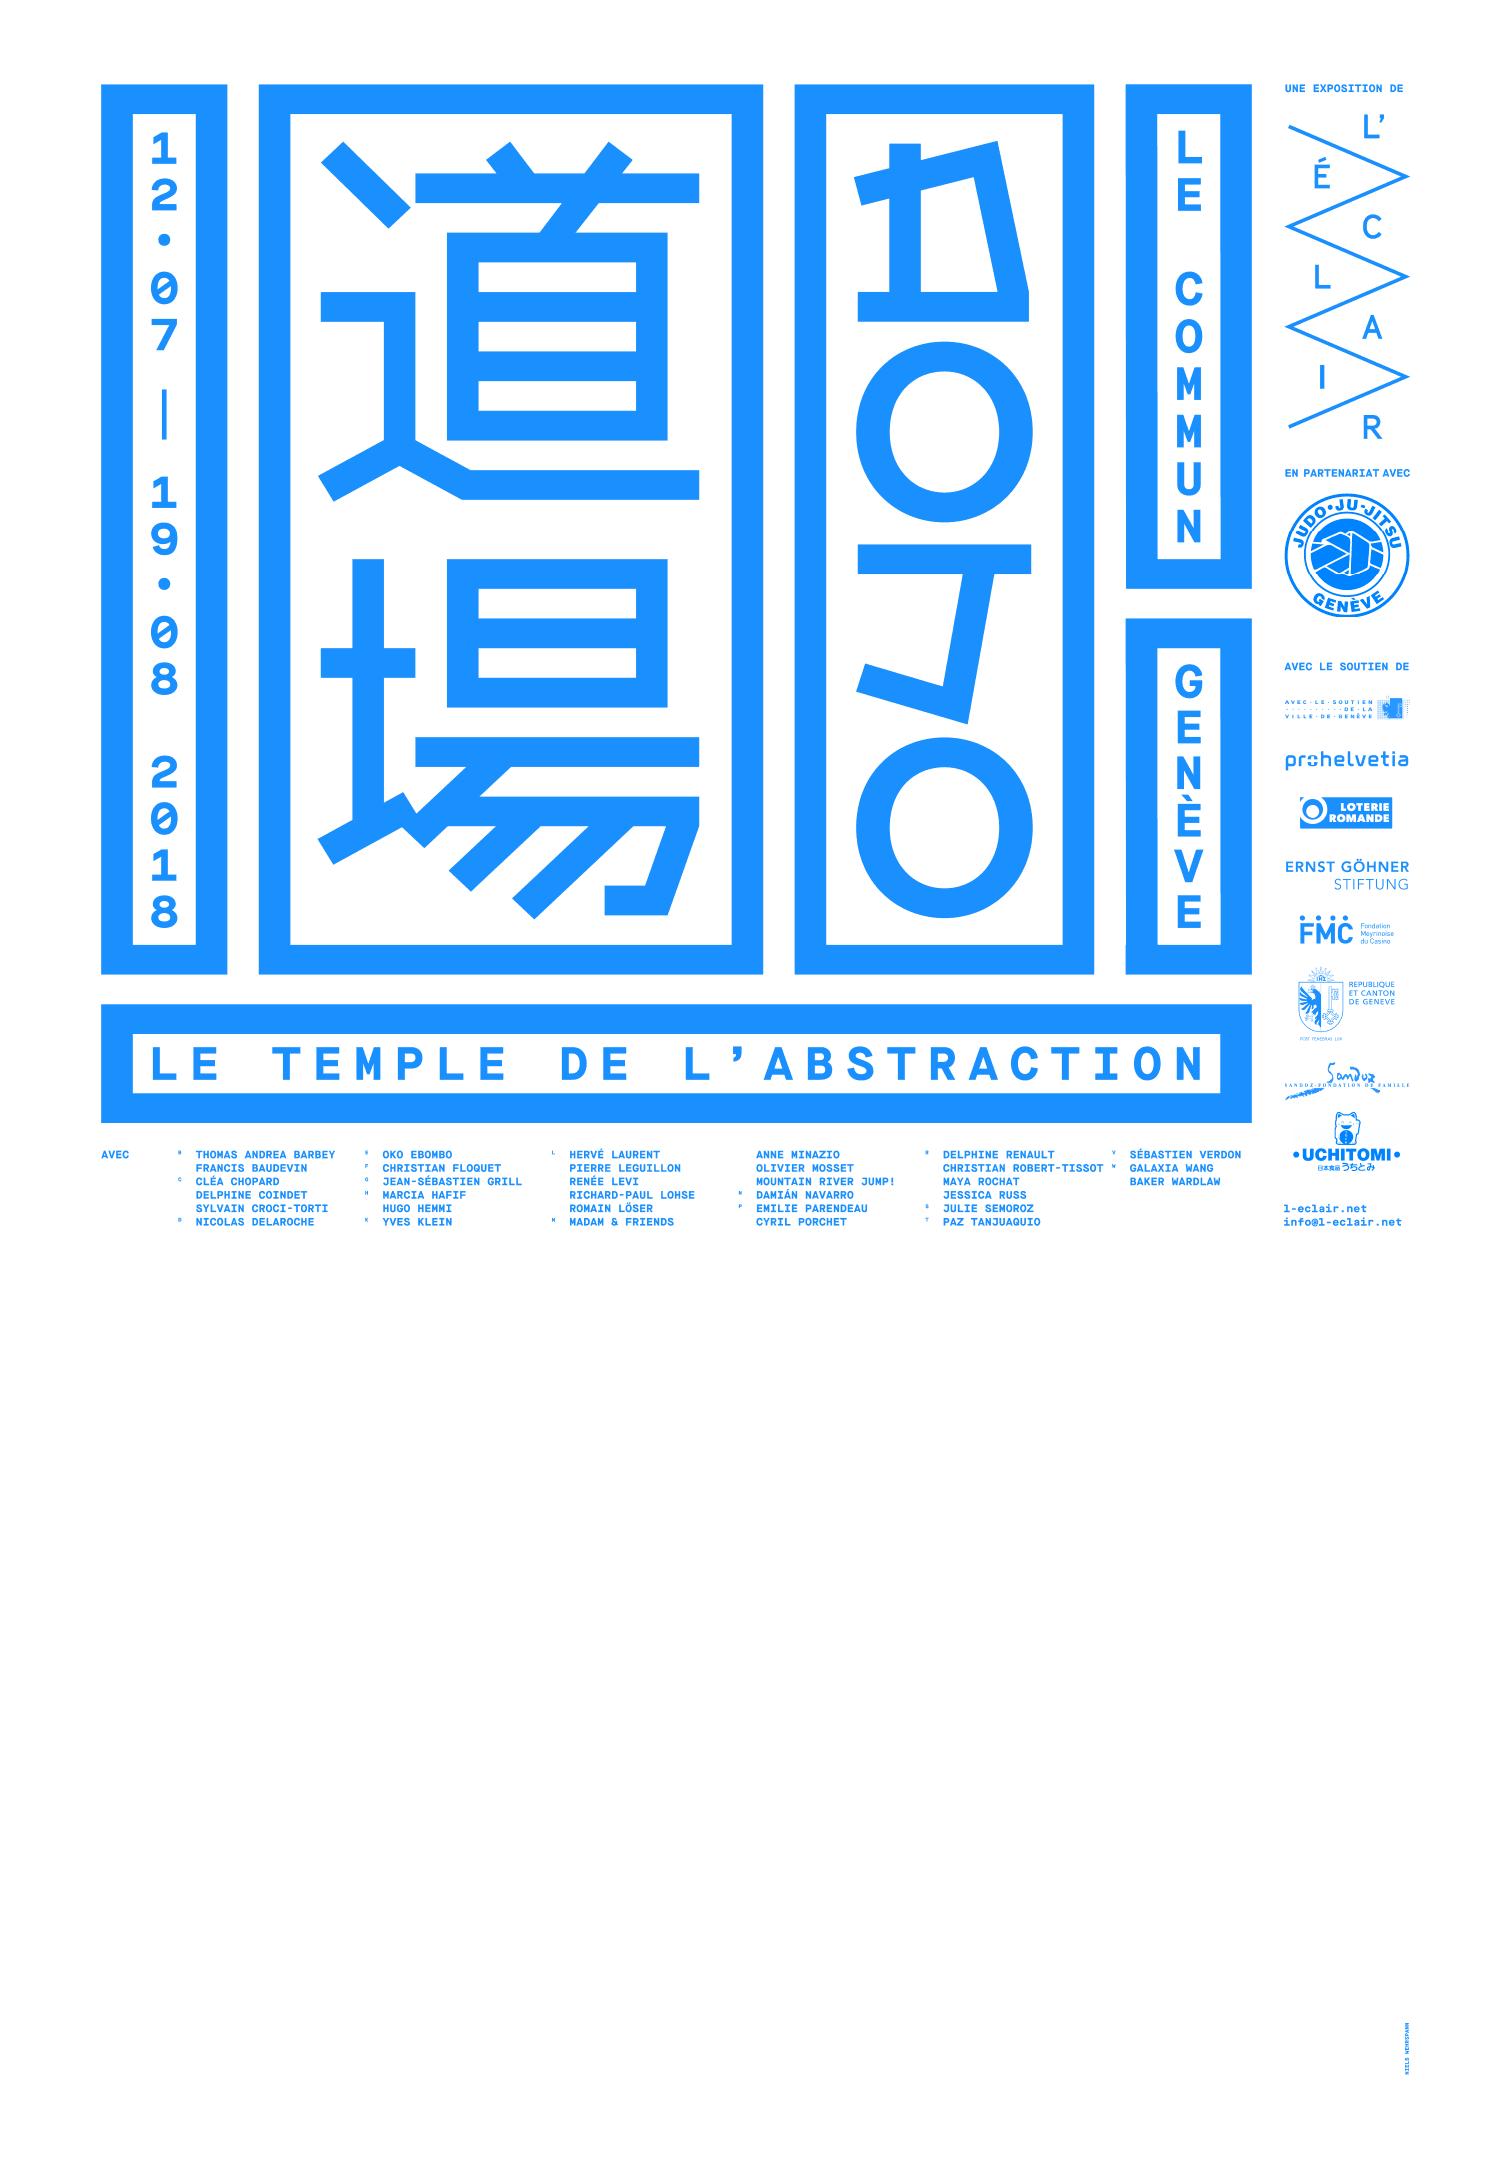 Affiche de l'exposition DOJO, bleu